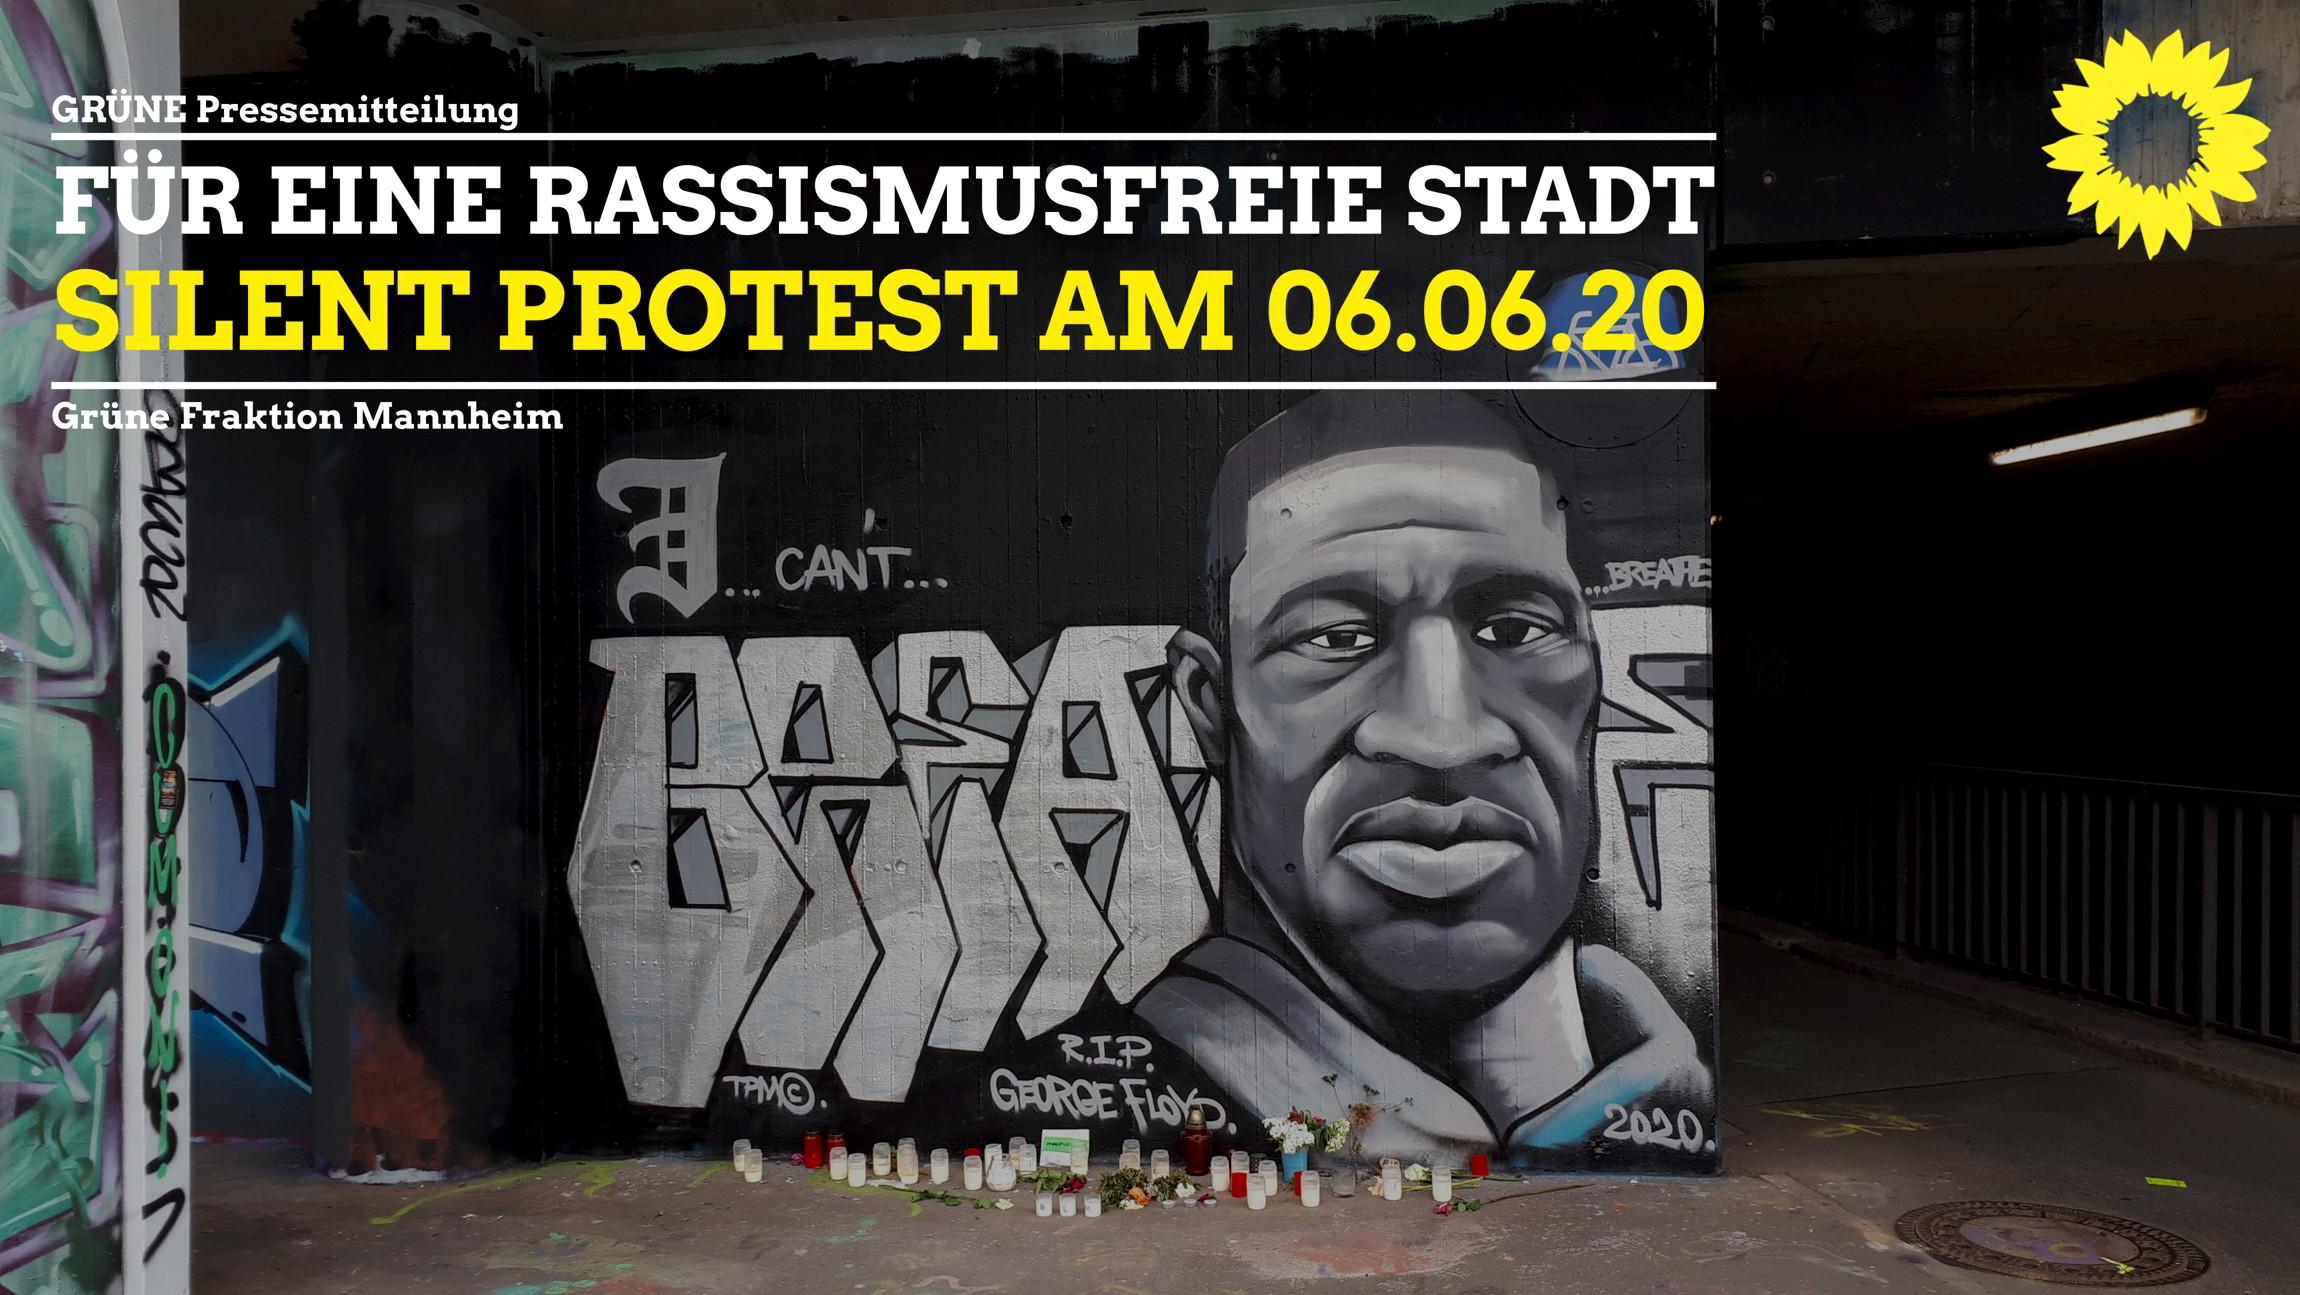 Graffiti von George Floyd an einer Unterführung in Mannheim